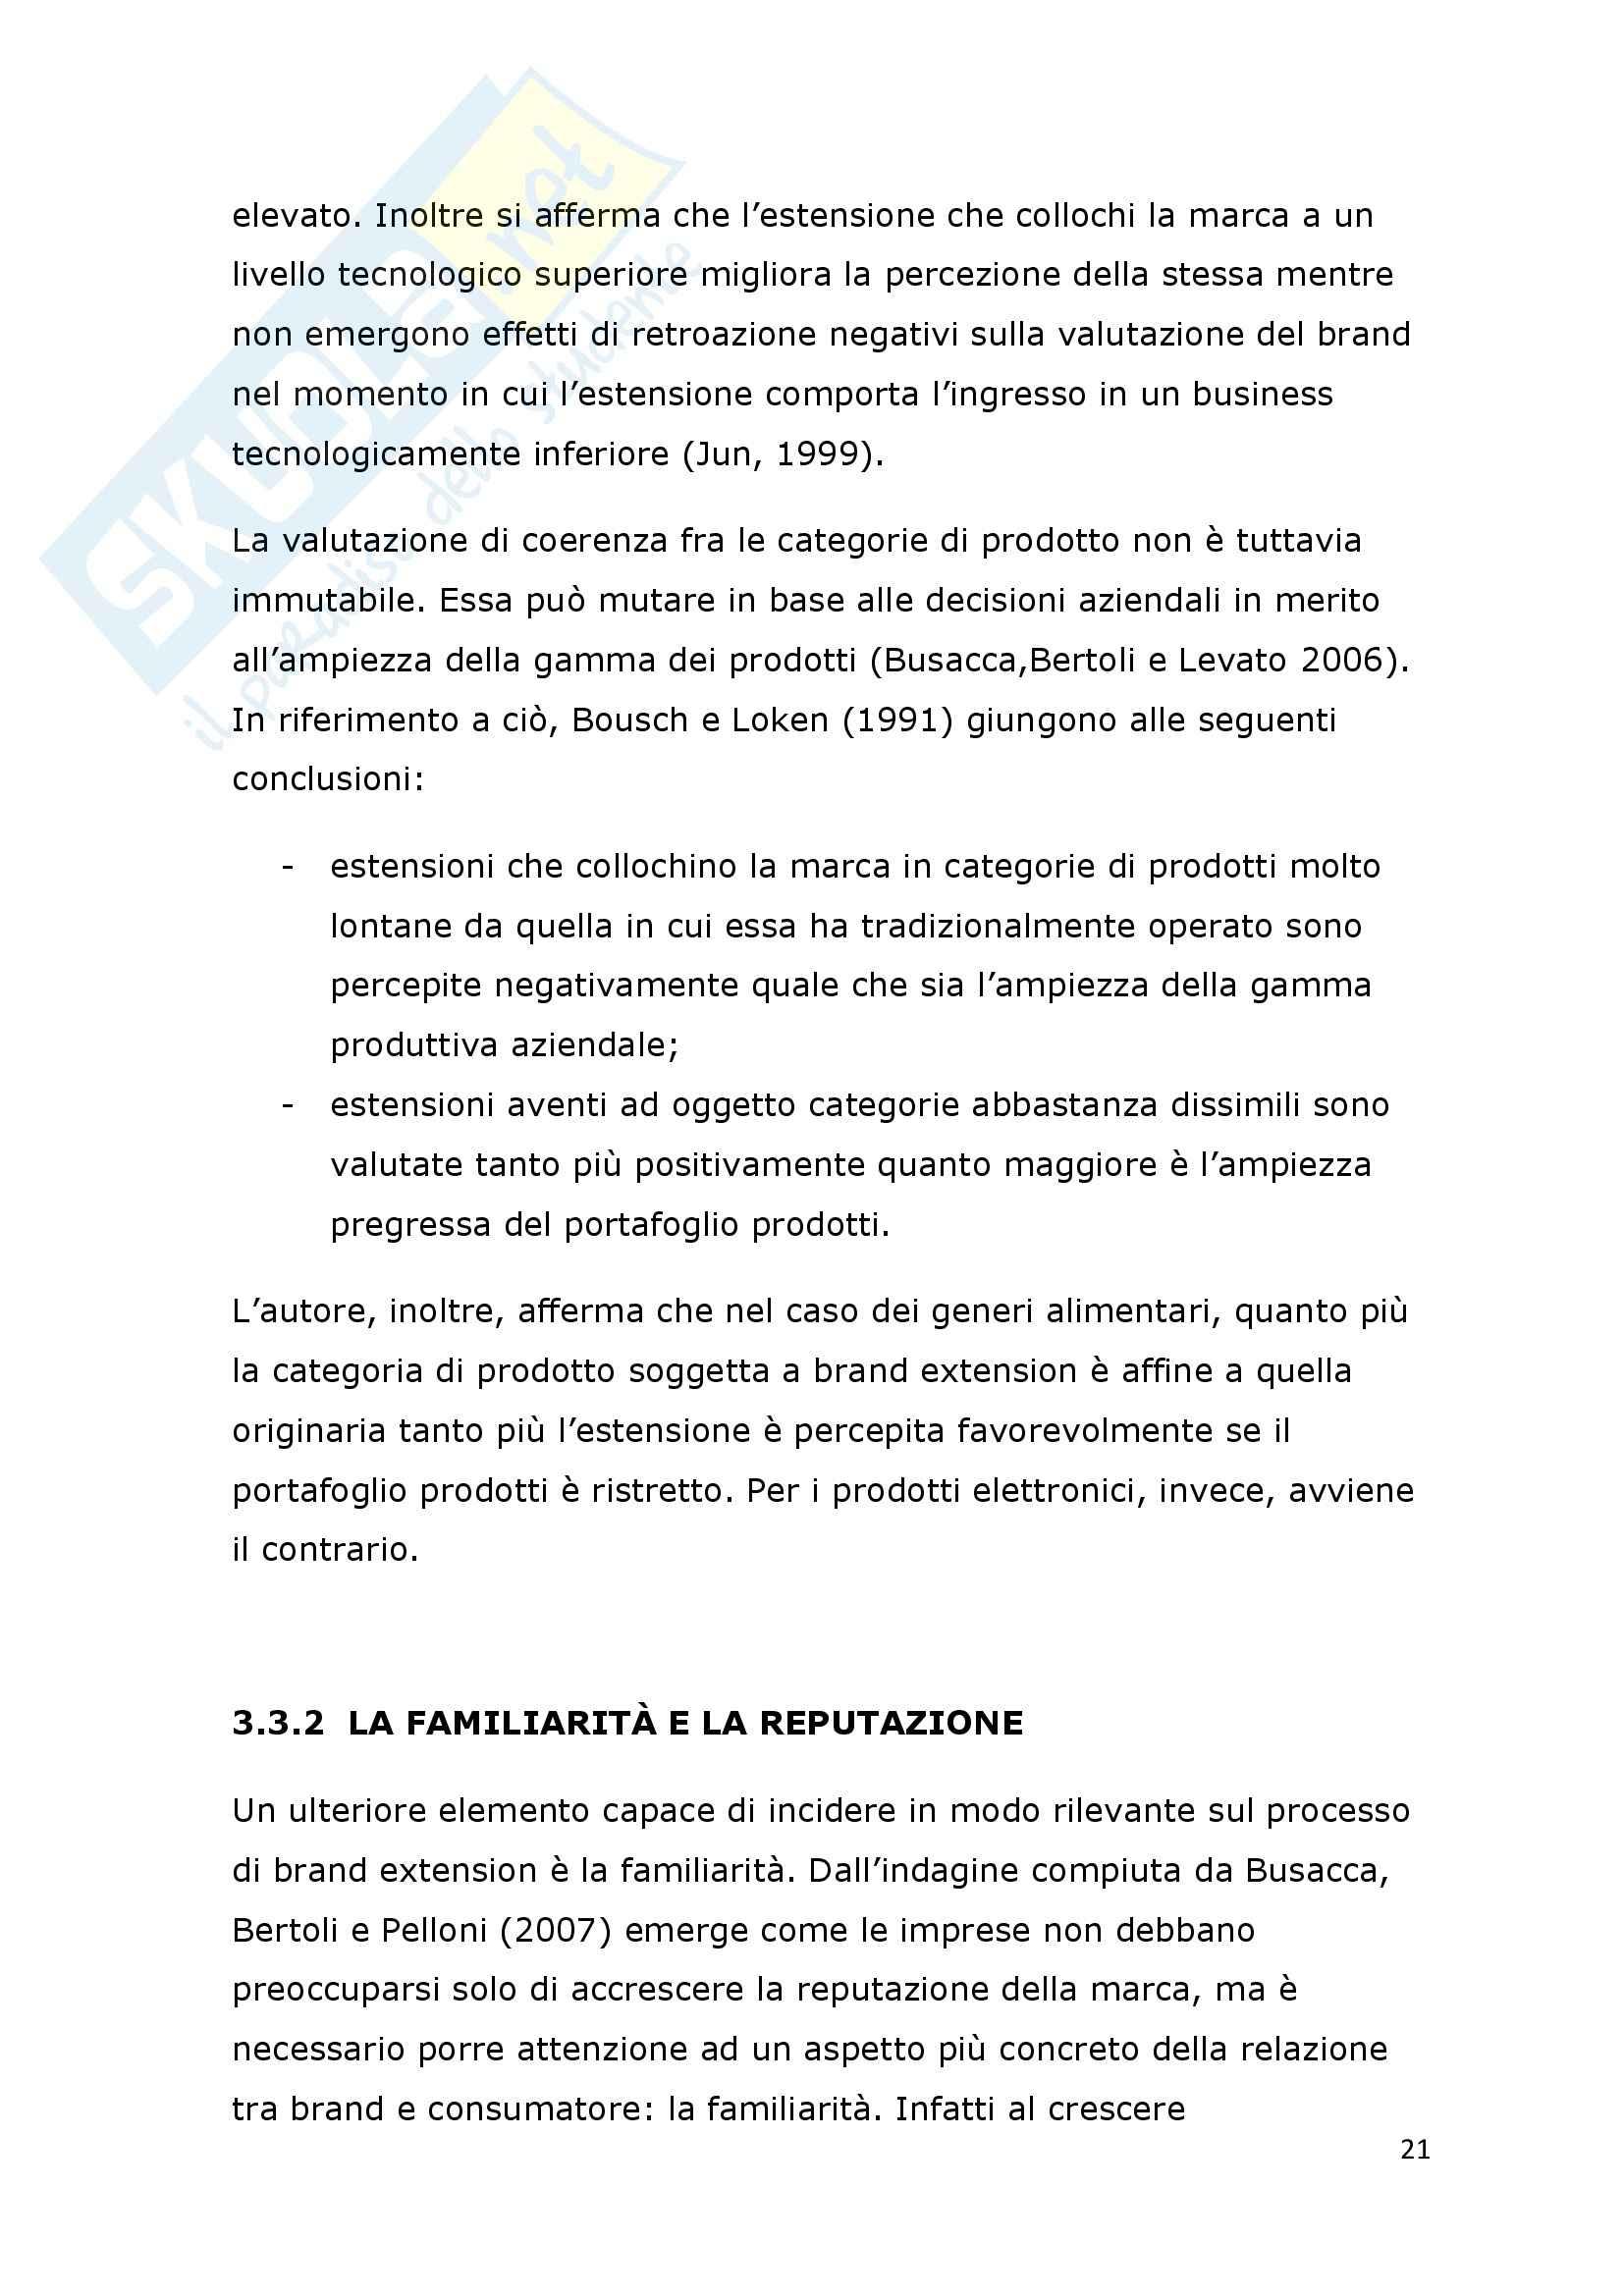 Tesi - I fattori di successo della brand extension: il ruolo del brand to category fit – il caso Callipo Pag. 21